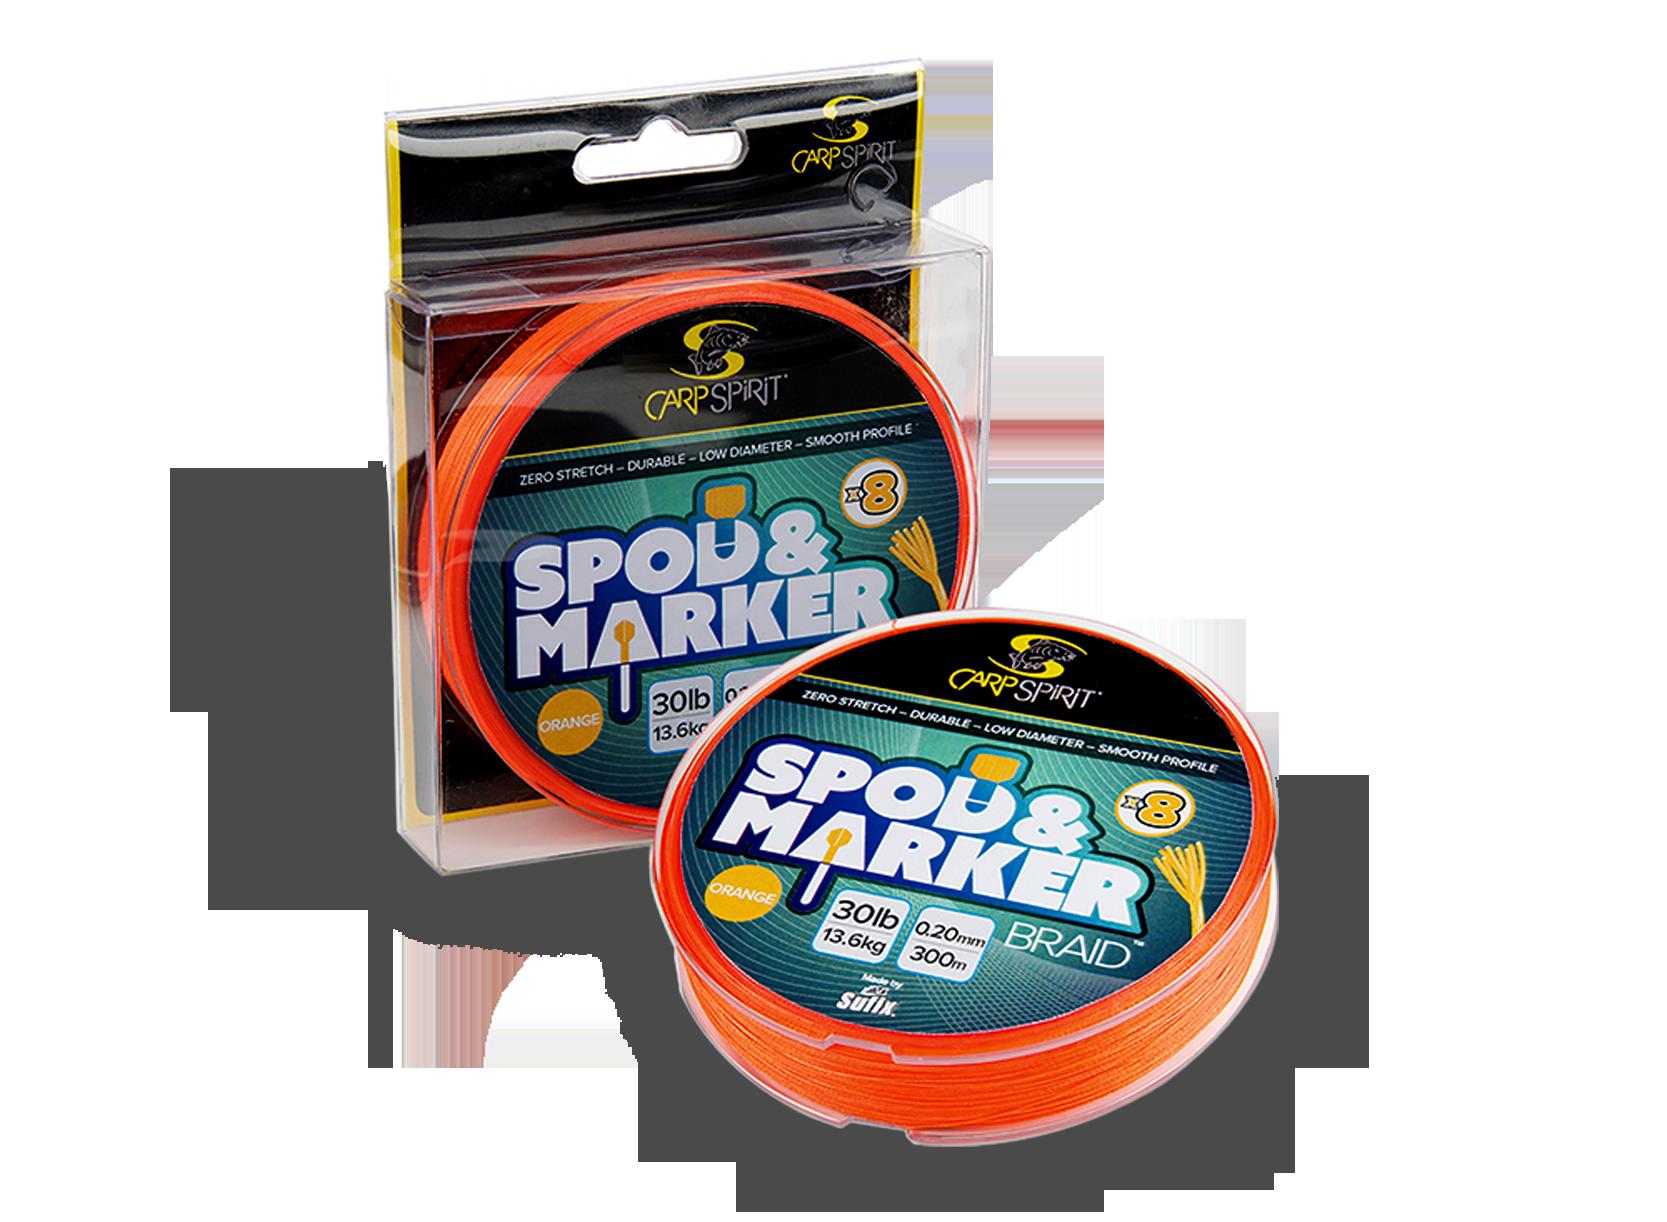 CS---Spod-&-Marker-Orange-Pack.png